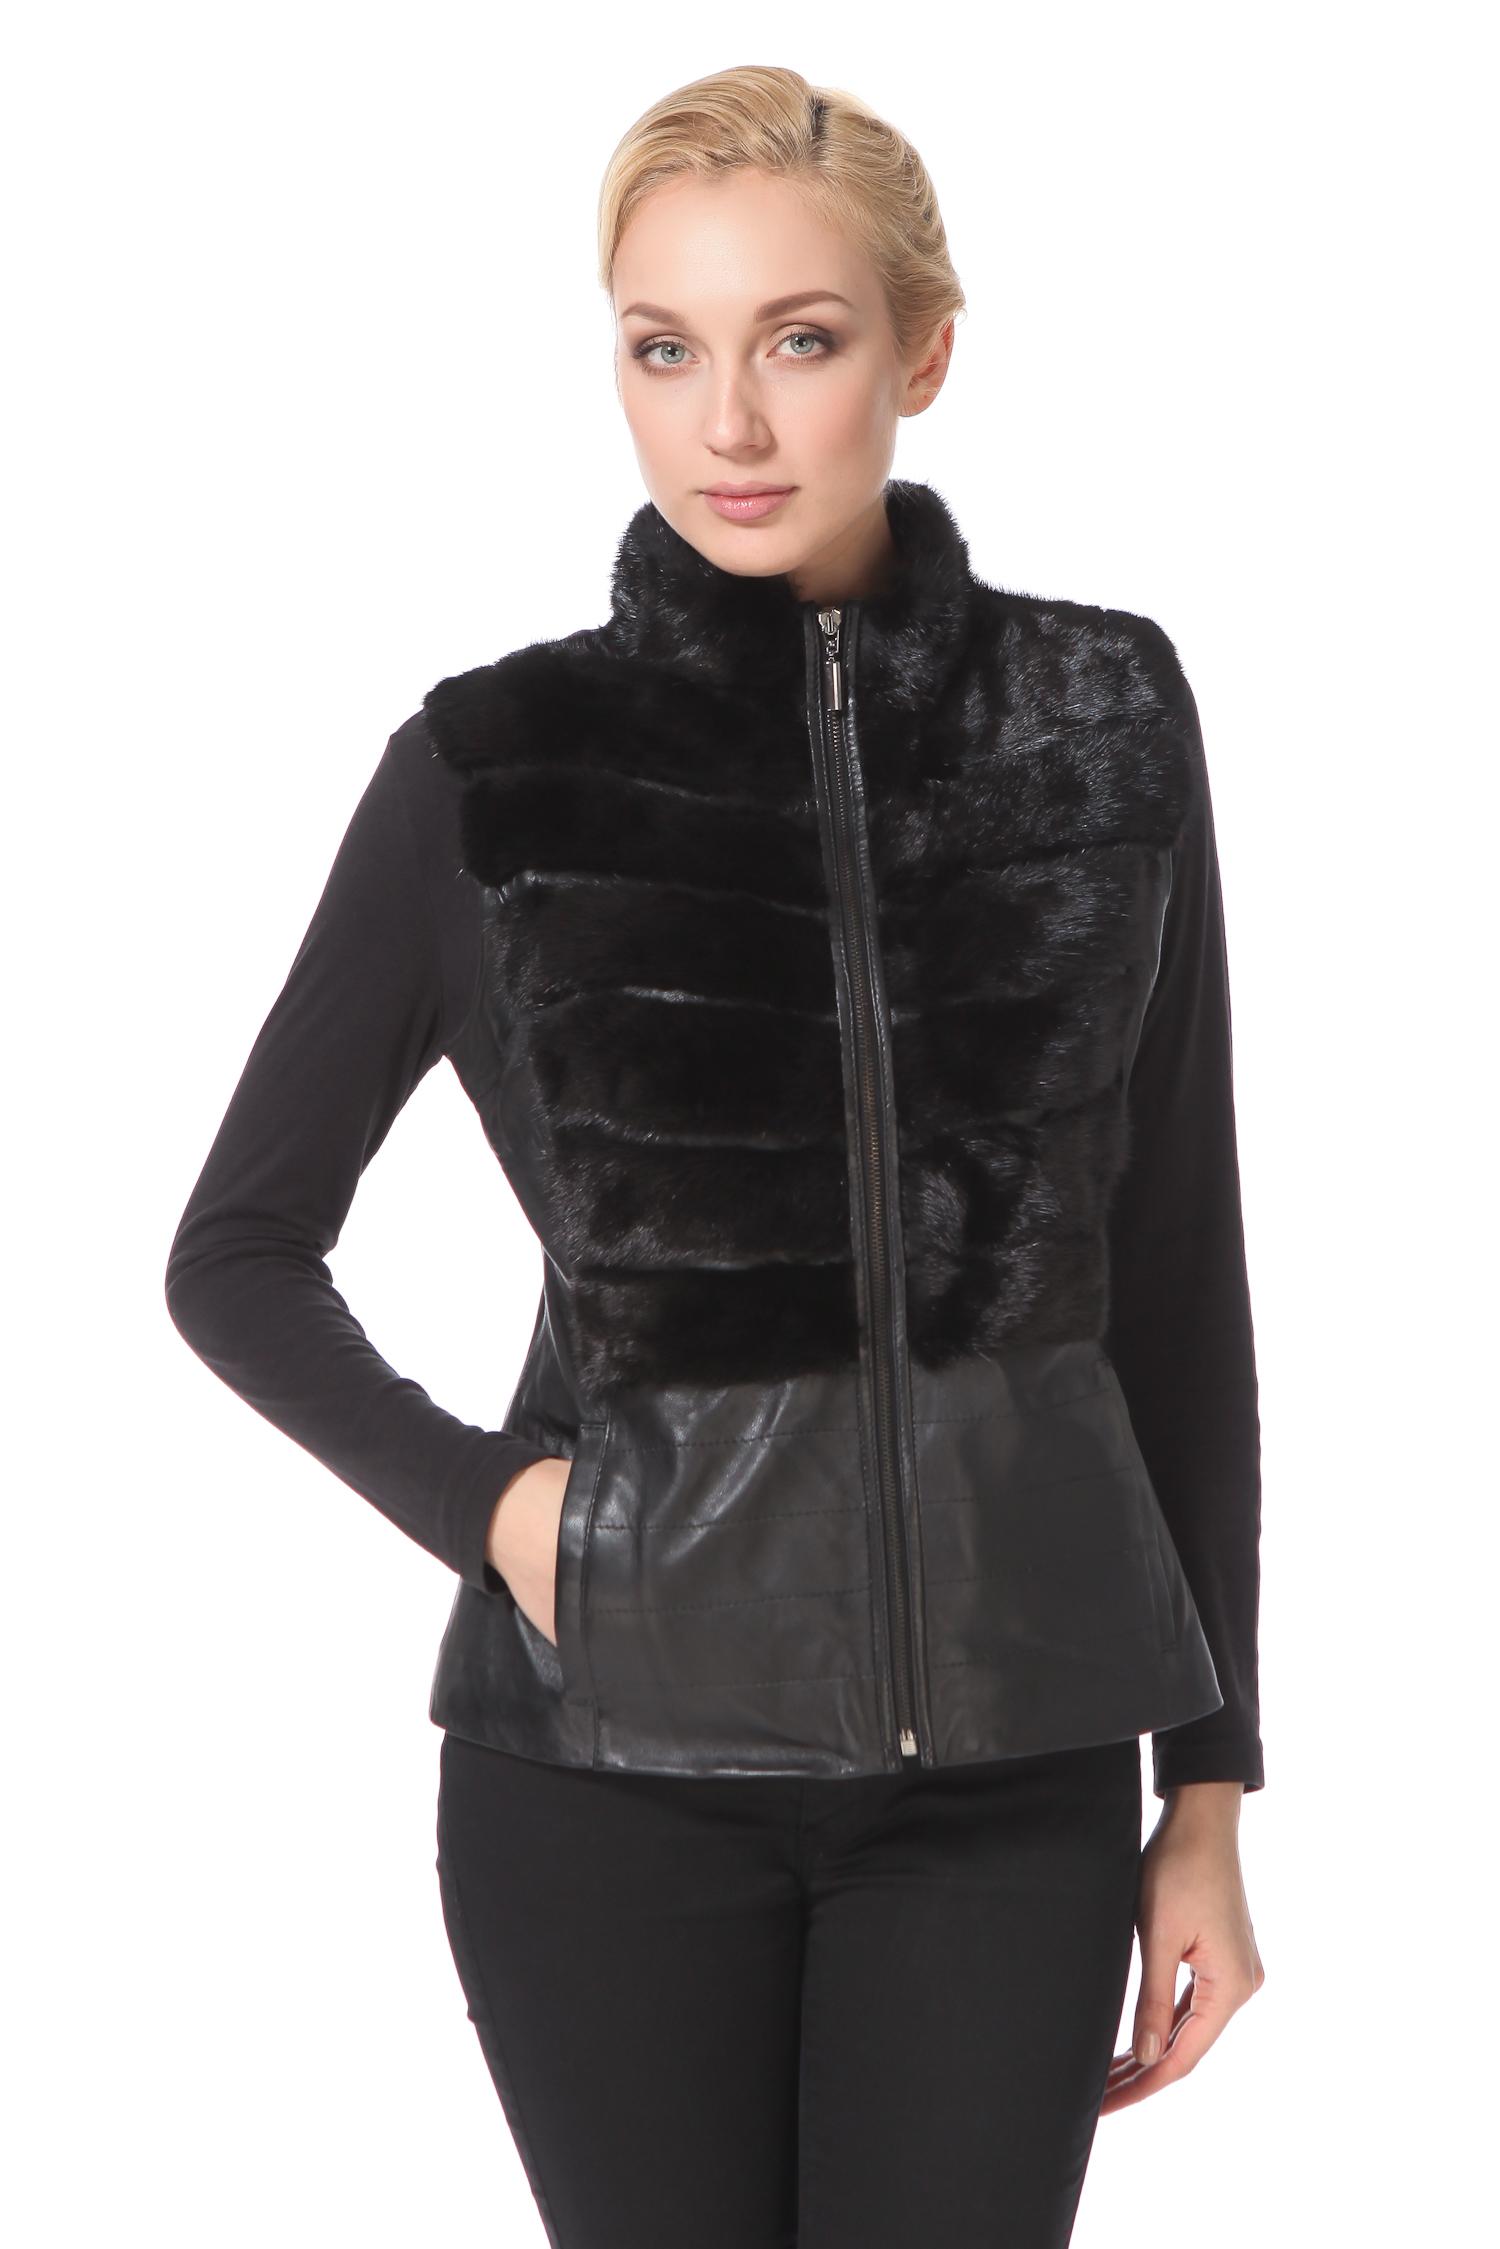 Женская кожаная куртка из натуральной кожи с воротником, отделка норка<br><br>Воротник: стойка<br>Длина см: Короткая (51-74 )<br>Материал: Кожа овчина<br>Цвет: черный<br>Застежка: на молнии<br>Пол: Женский<br>Размер RU: 52